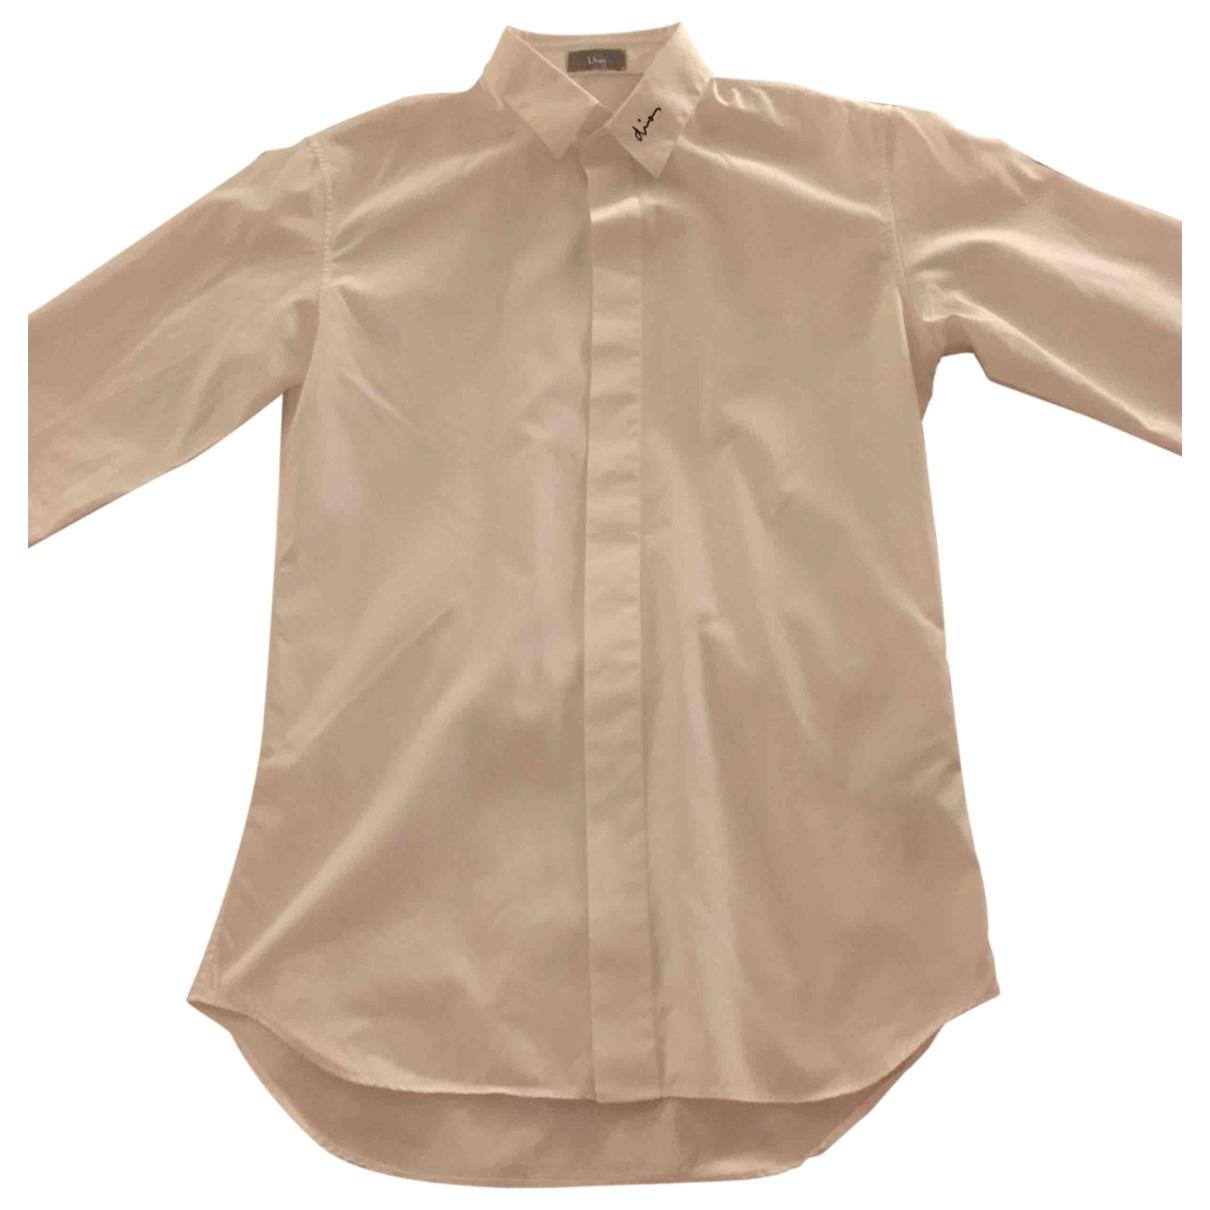 Dior Homme \N White Cotton Shirts for Men 37 EU (tour de cou / collar)